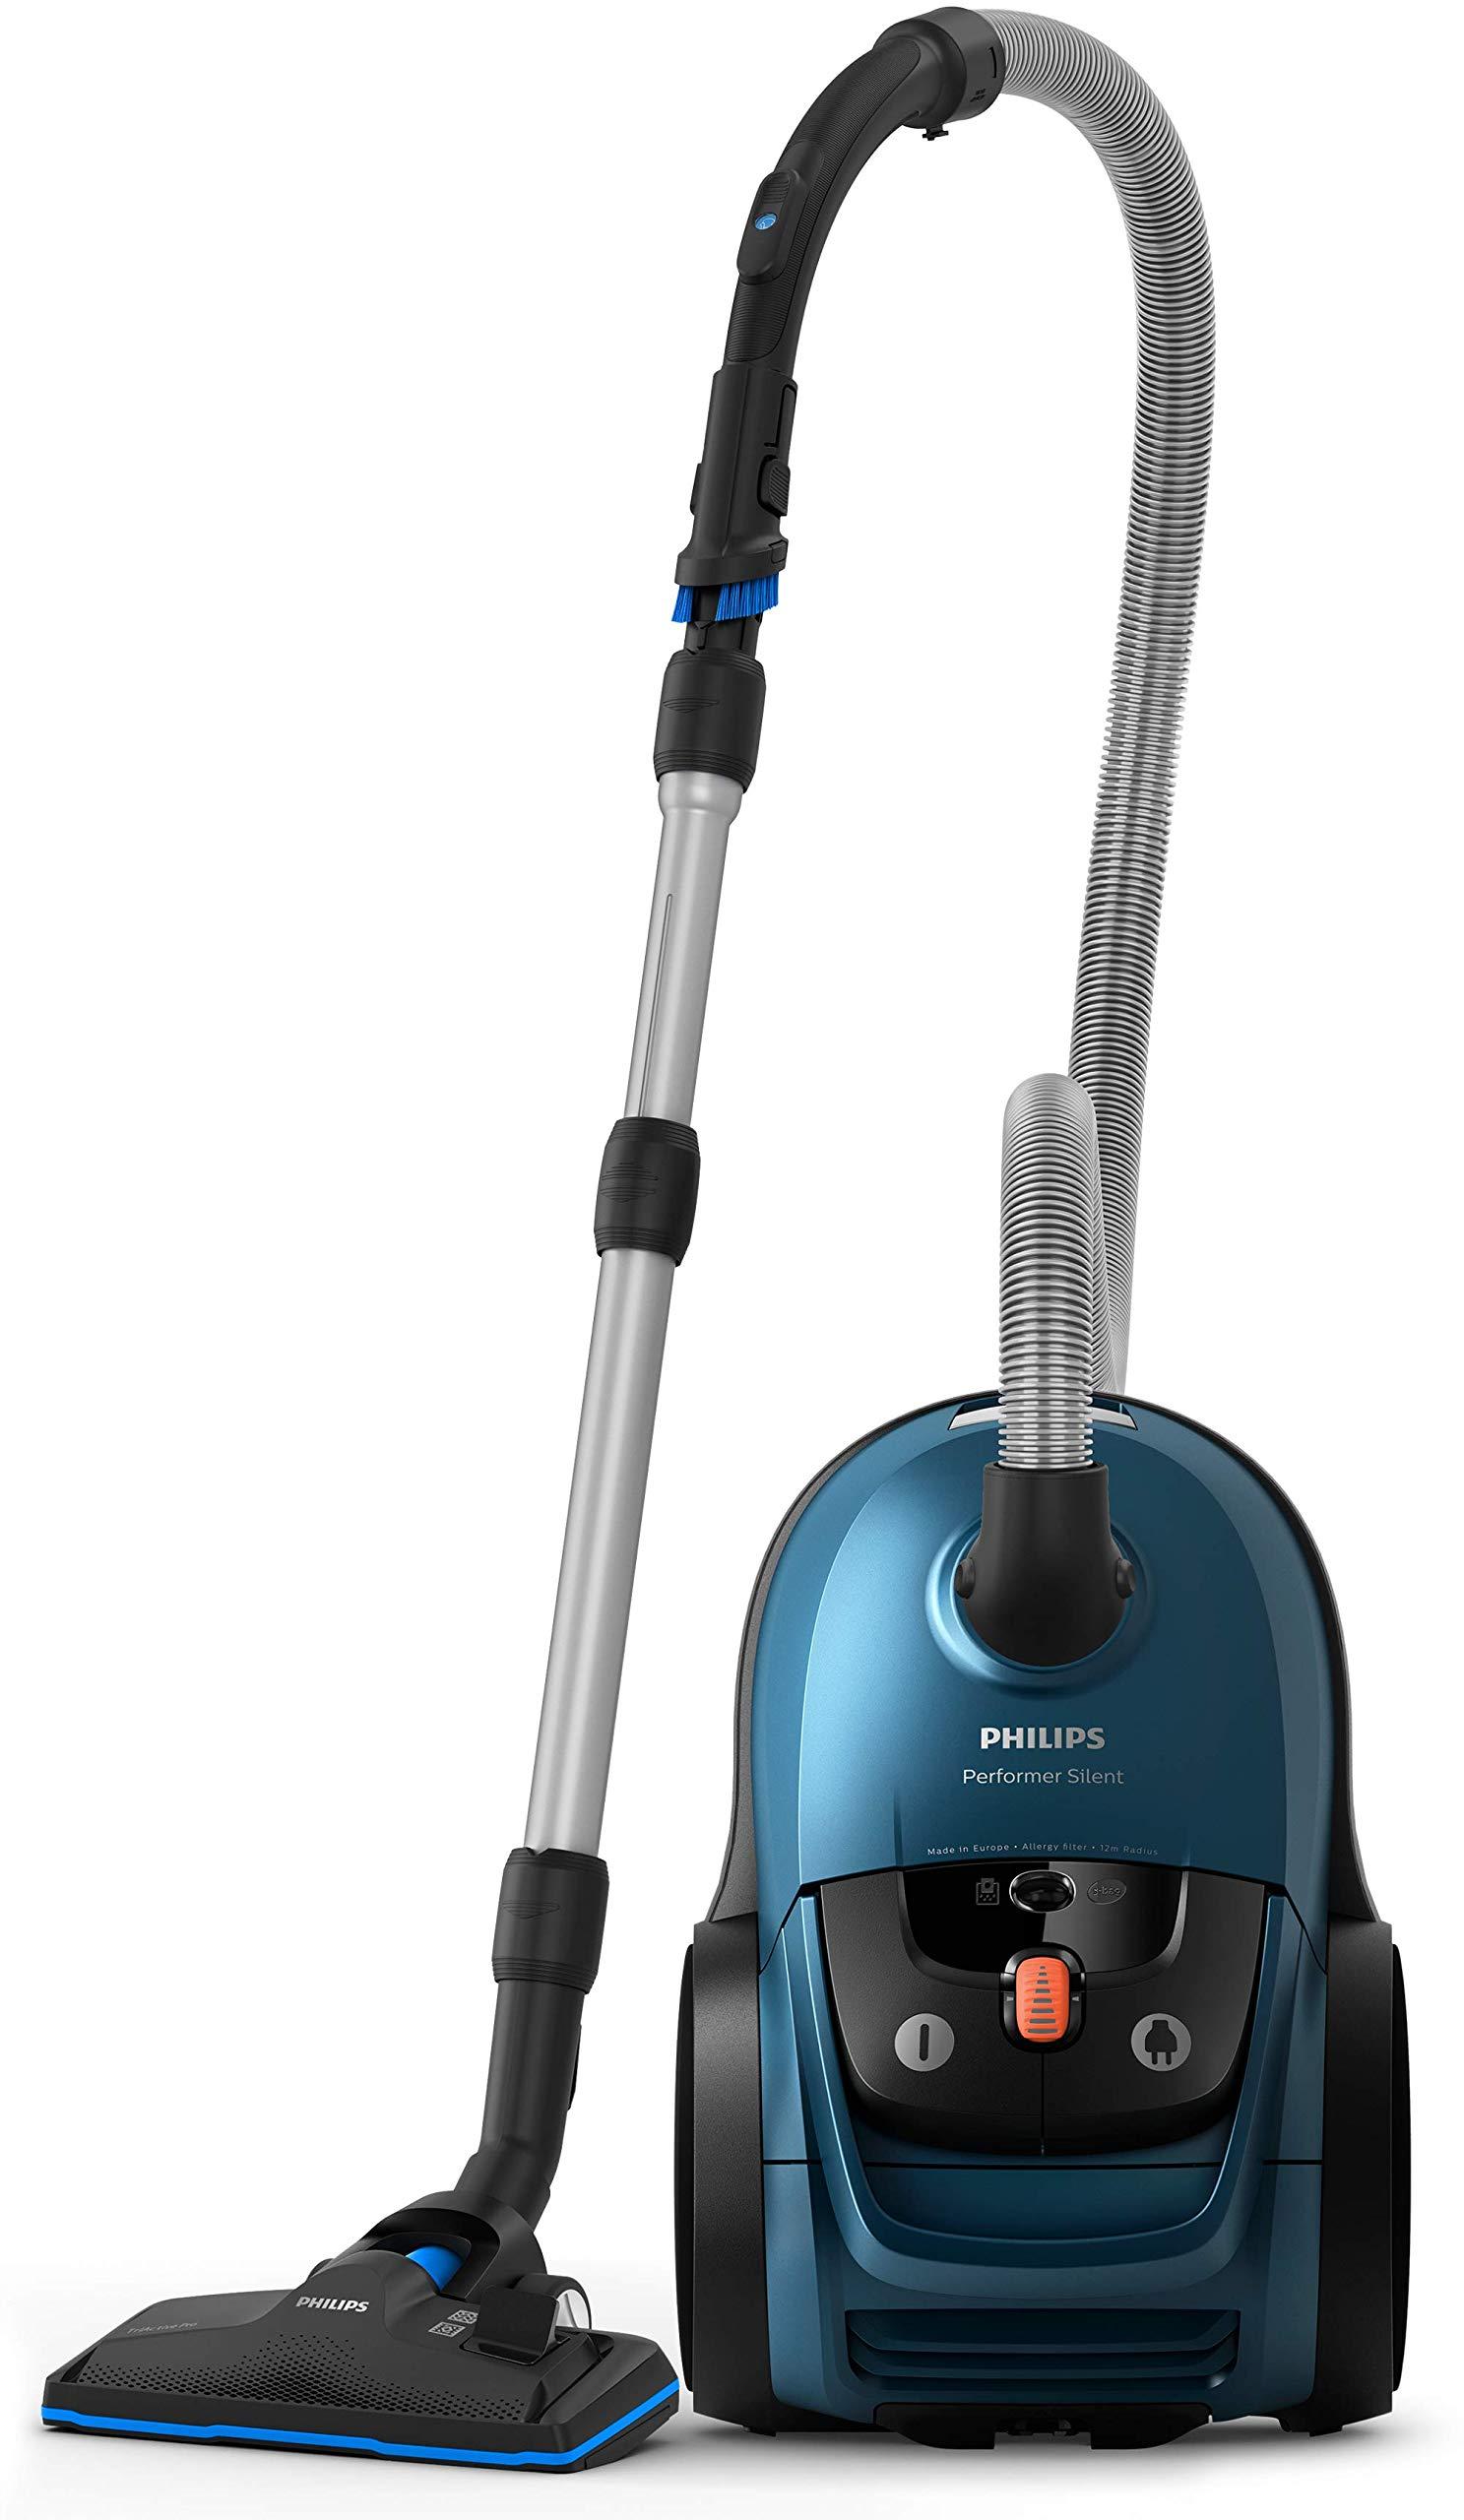 Philips FC8783/09 Performer Silent Staubsauger mit Beutel, blau